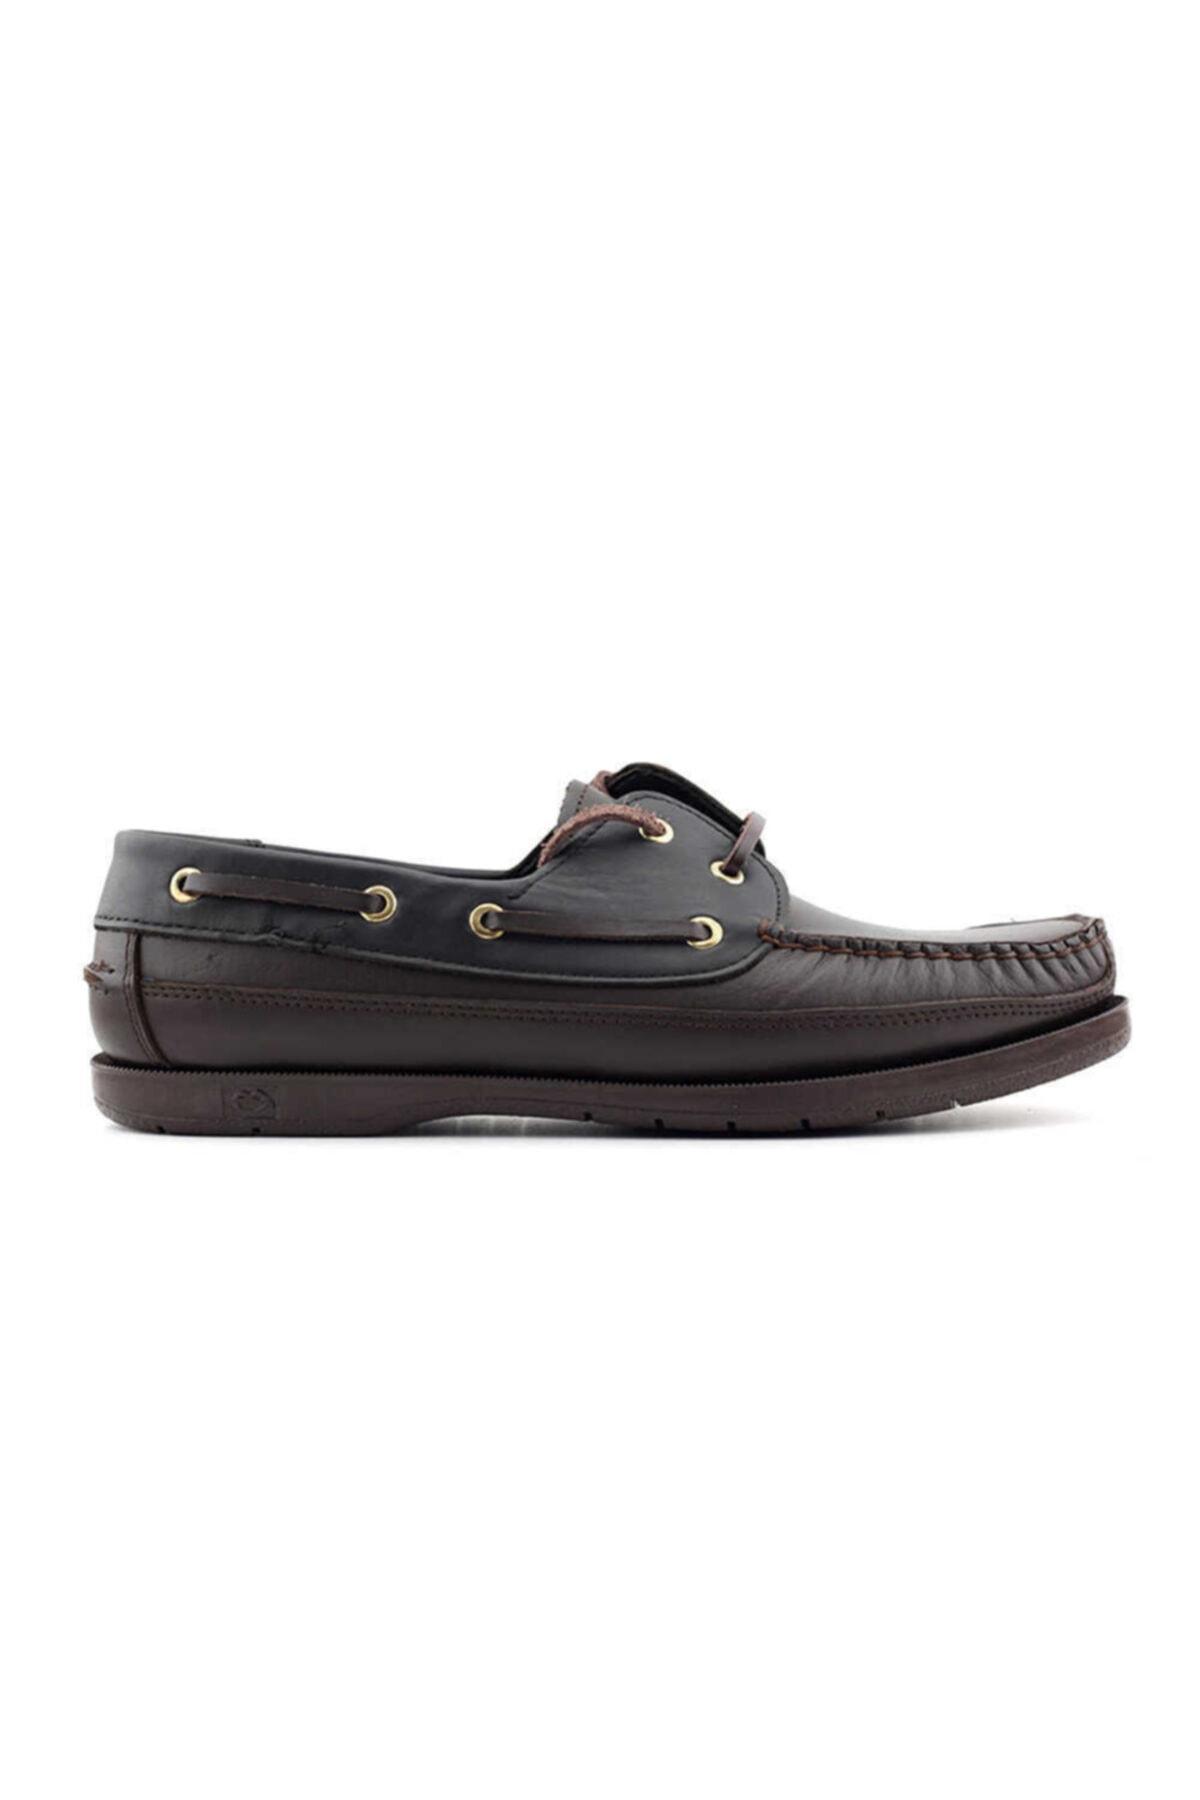 Kayra Erkek Kahverengi Siyah Hakiki Deri Ayakkabı 301 1